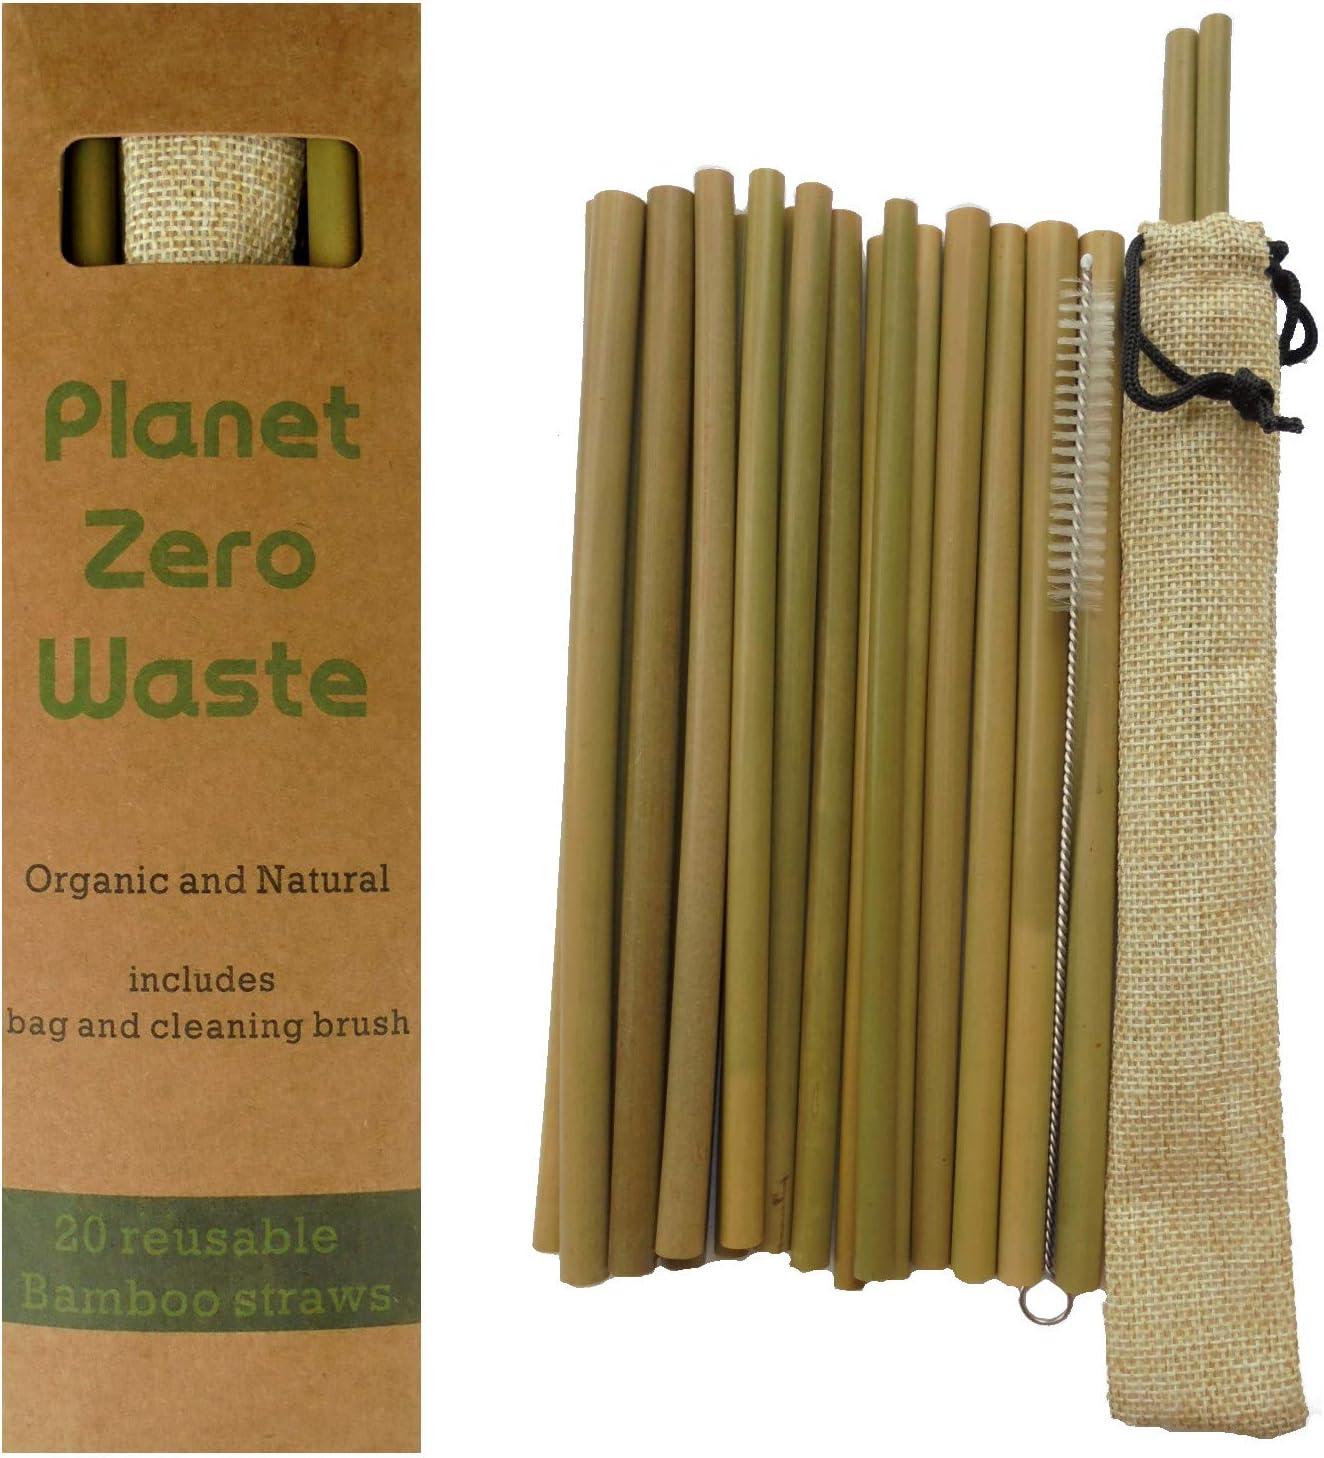 Brosse de Nettoyage Emballage Carton Alternative Naturelle aux pailles en Plastique sans BPA Biod/égradable 20 Pailles en Bambou 20 cm PlanetZeroWaste /écologique et r/éutilisable